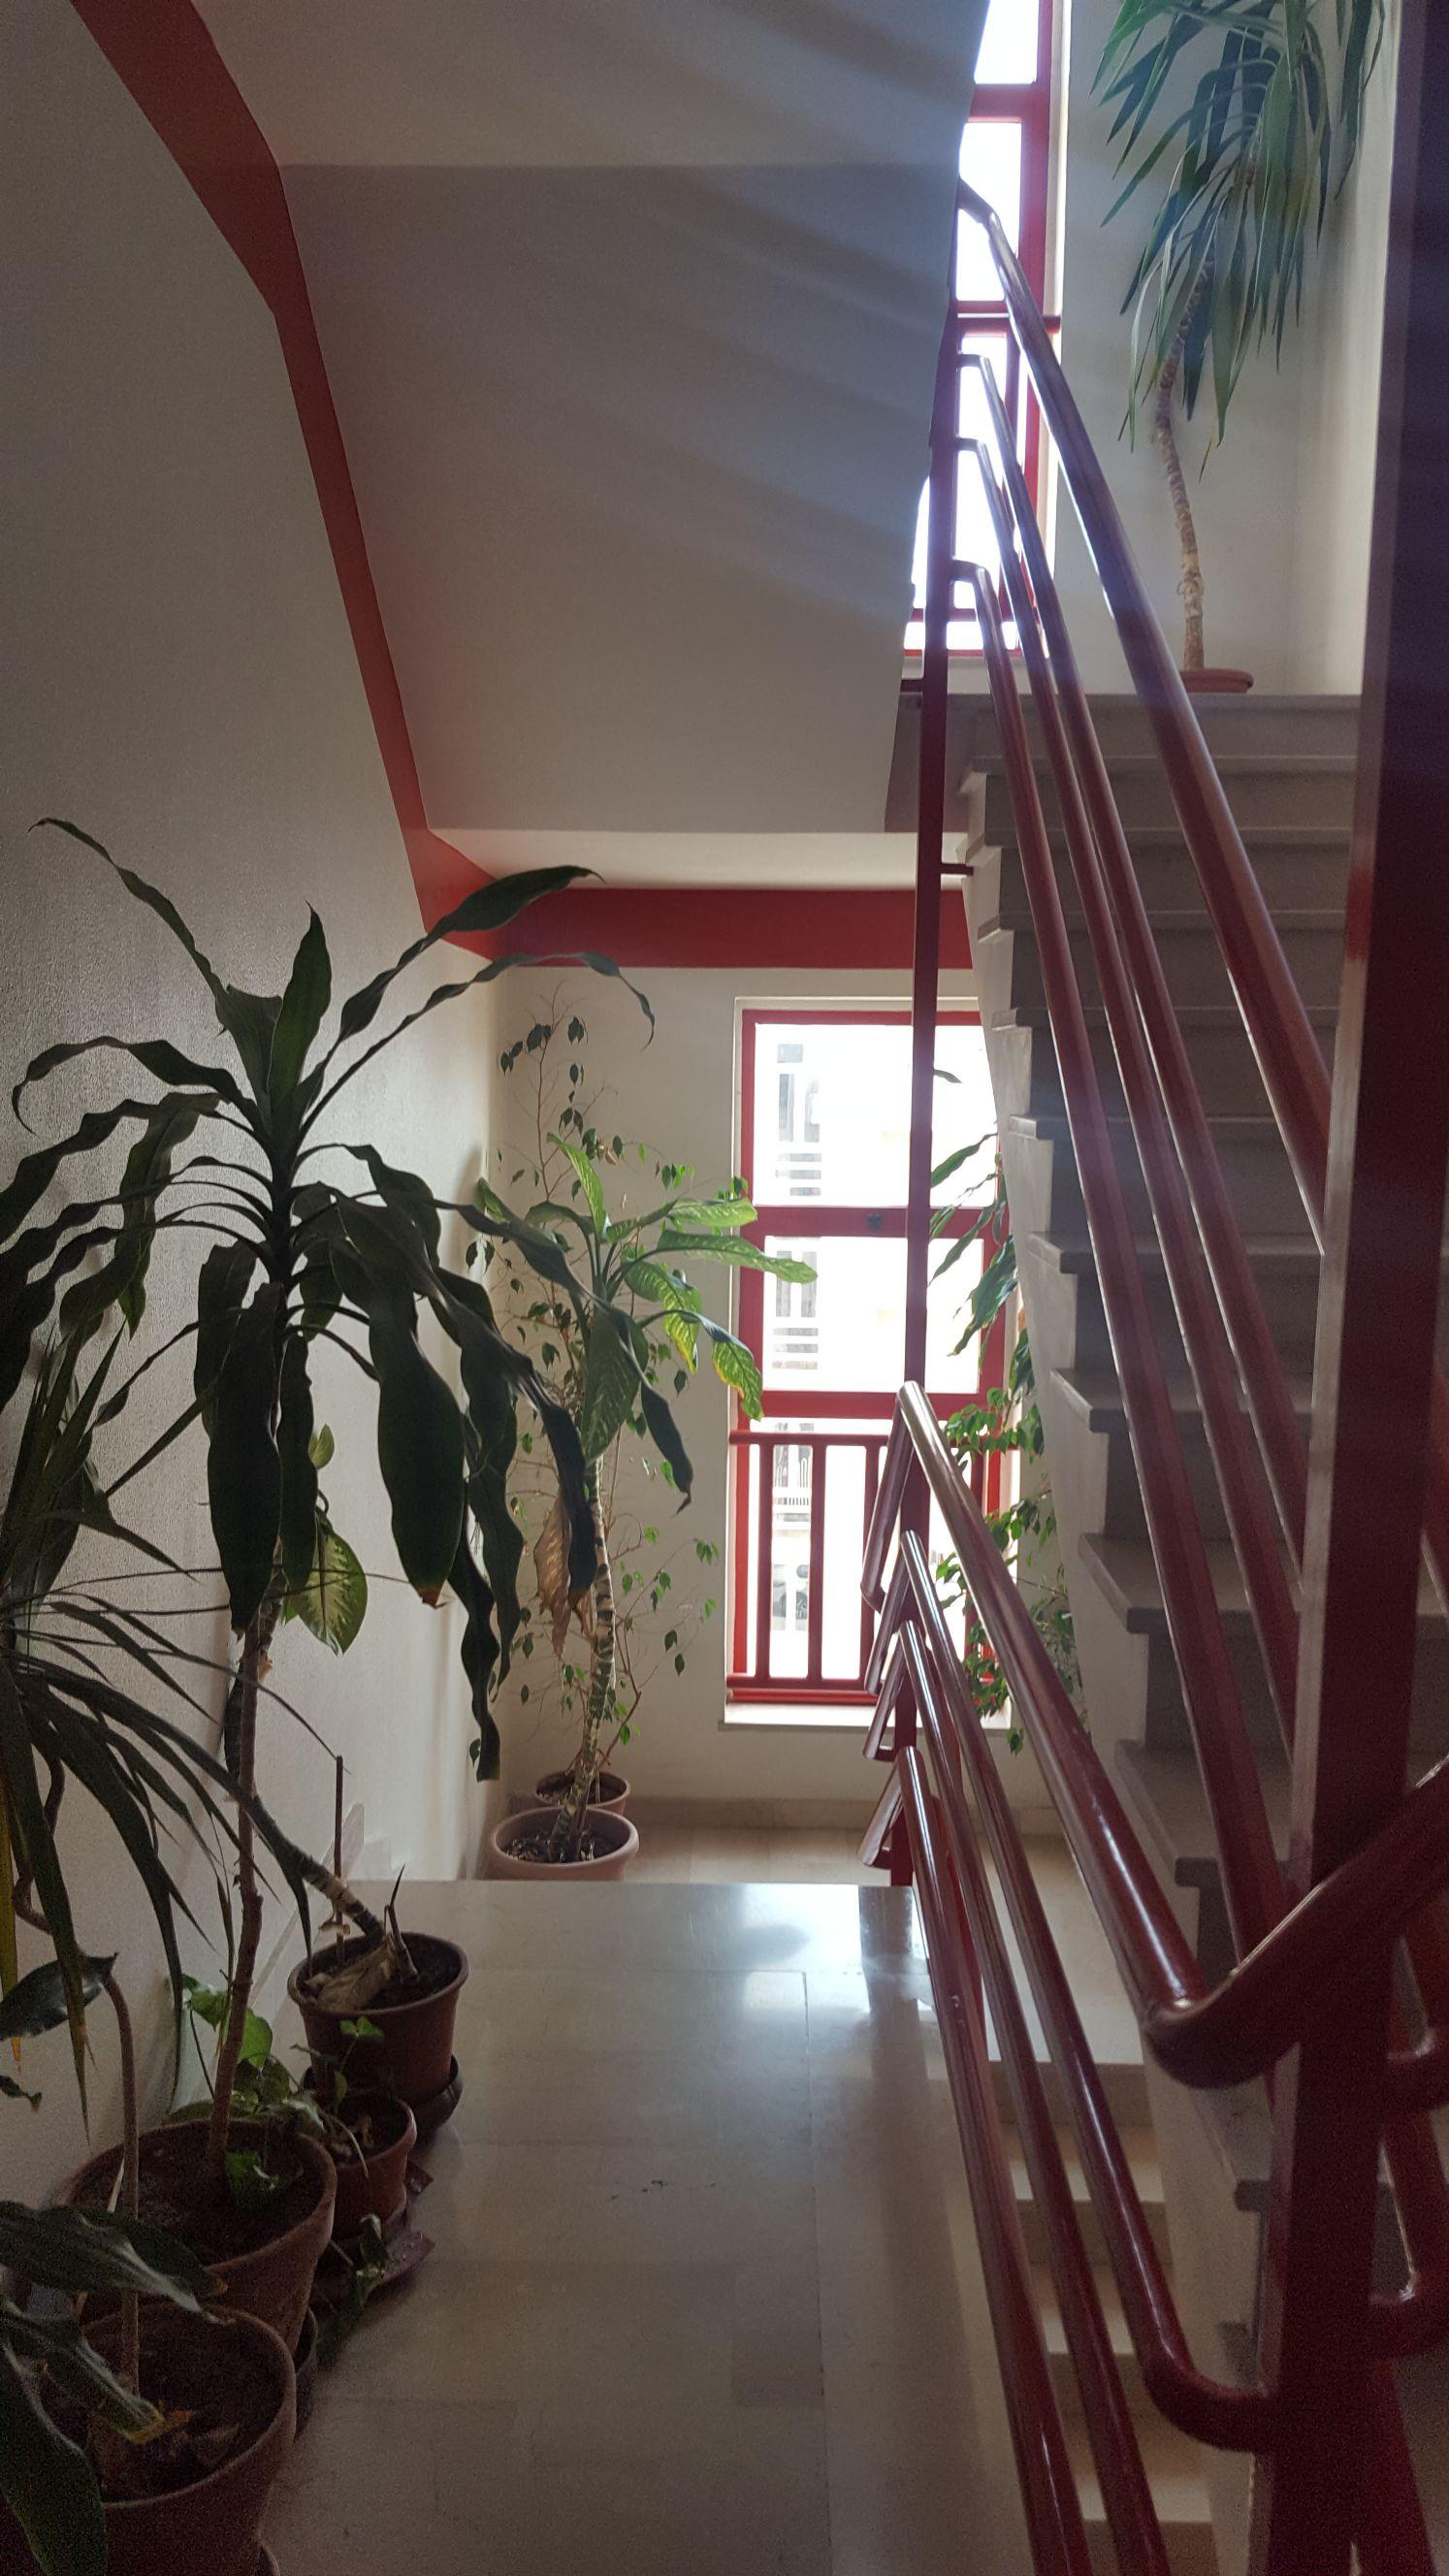 Vendita vendita appartamento e garage a manfredonia for Costruire un appartamento garage